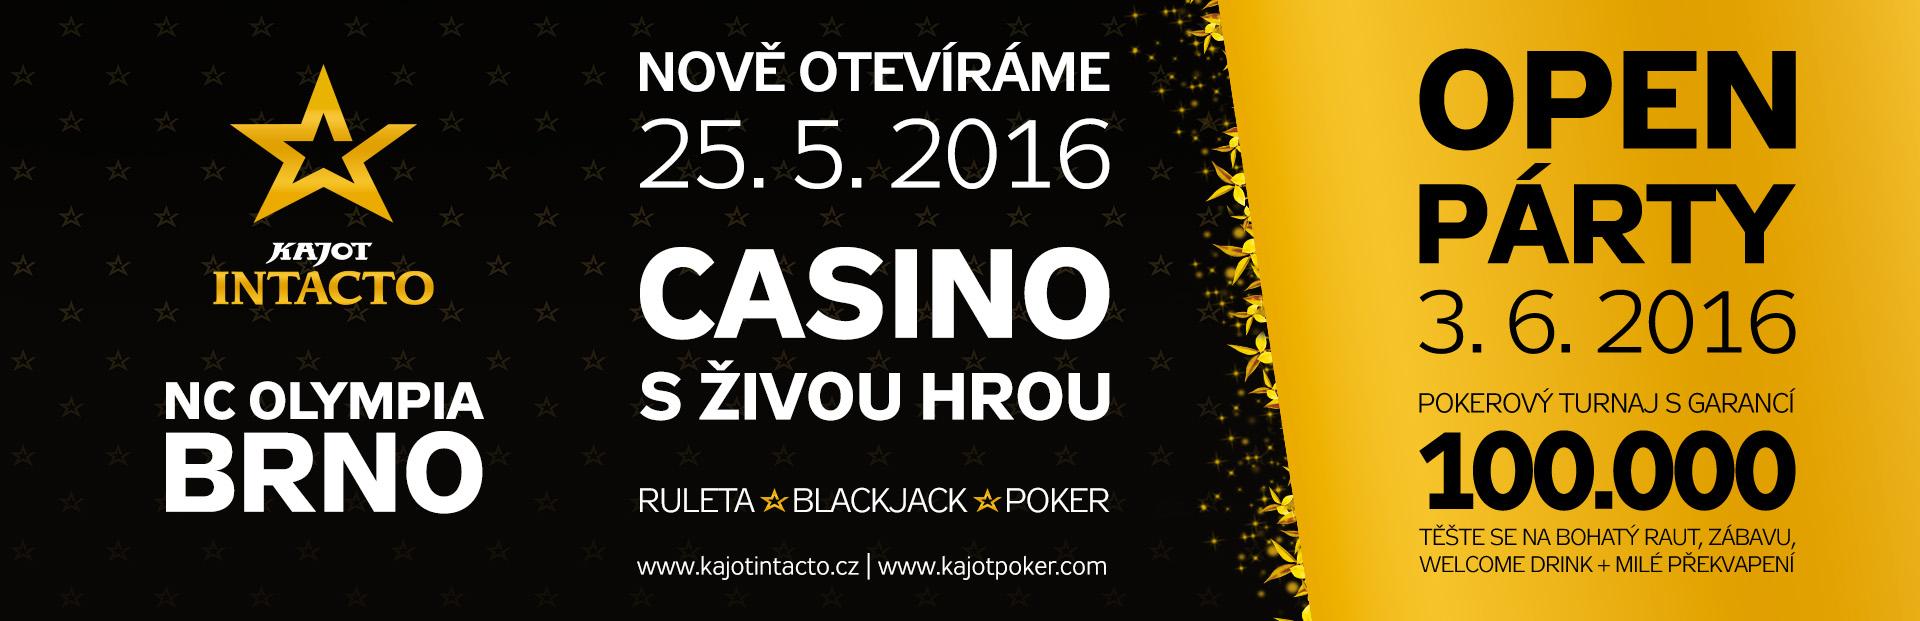 KAJOT INTACTO Olympia Casino